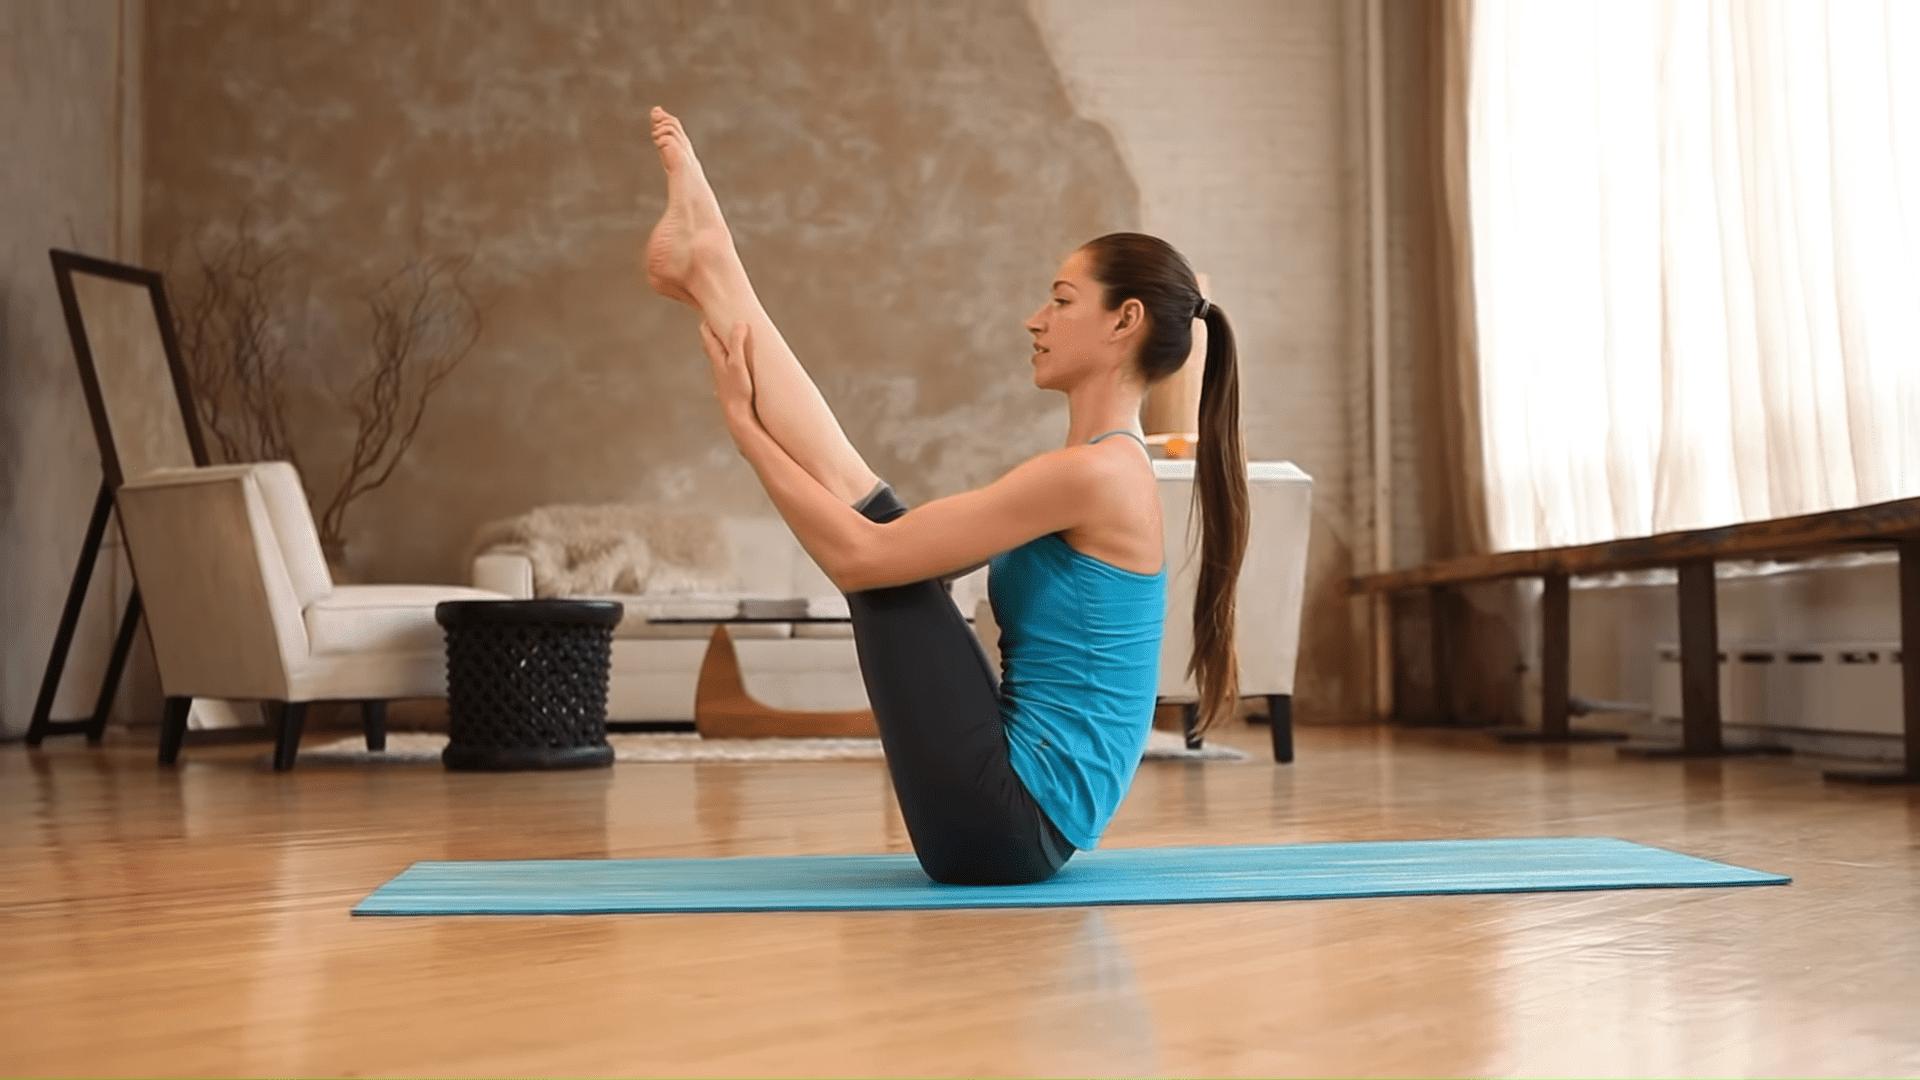 Core Strength Beginner Yoga With Tara Stiles 6 6 screenshot